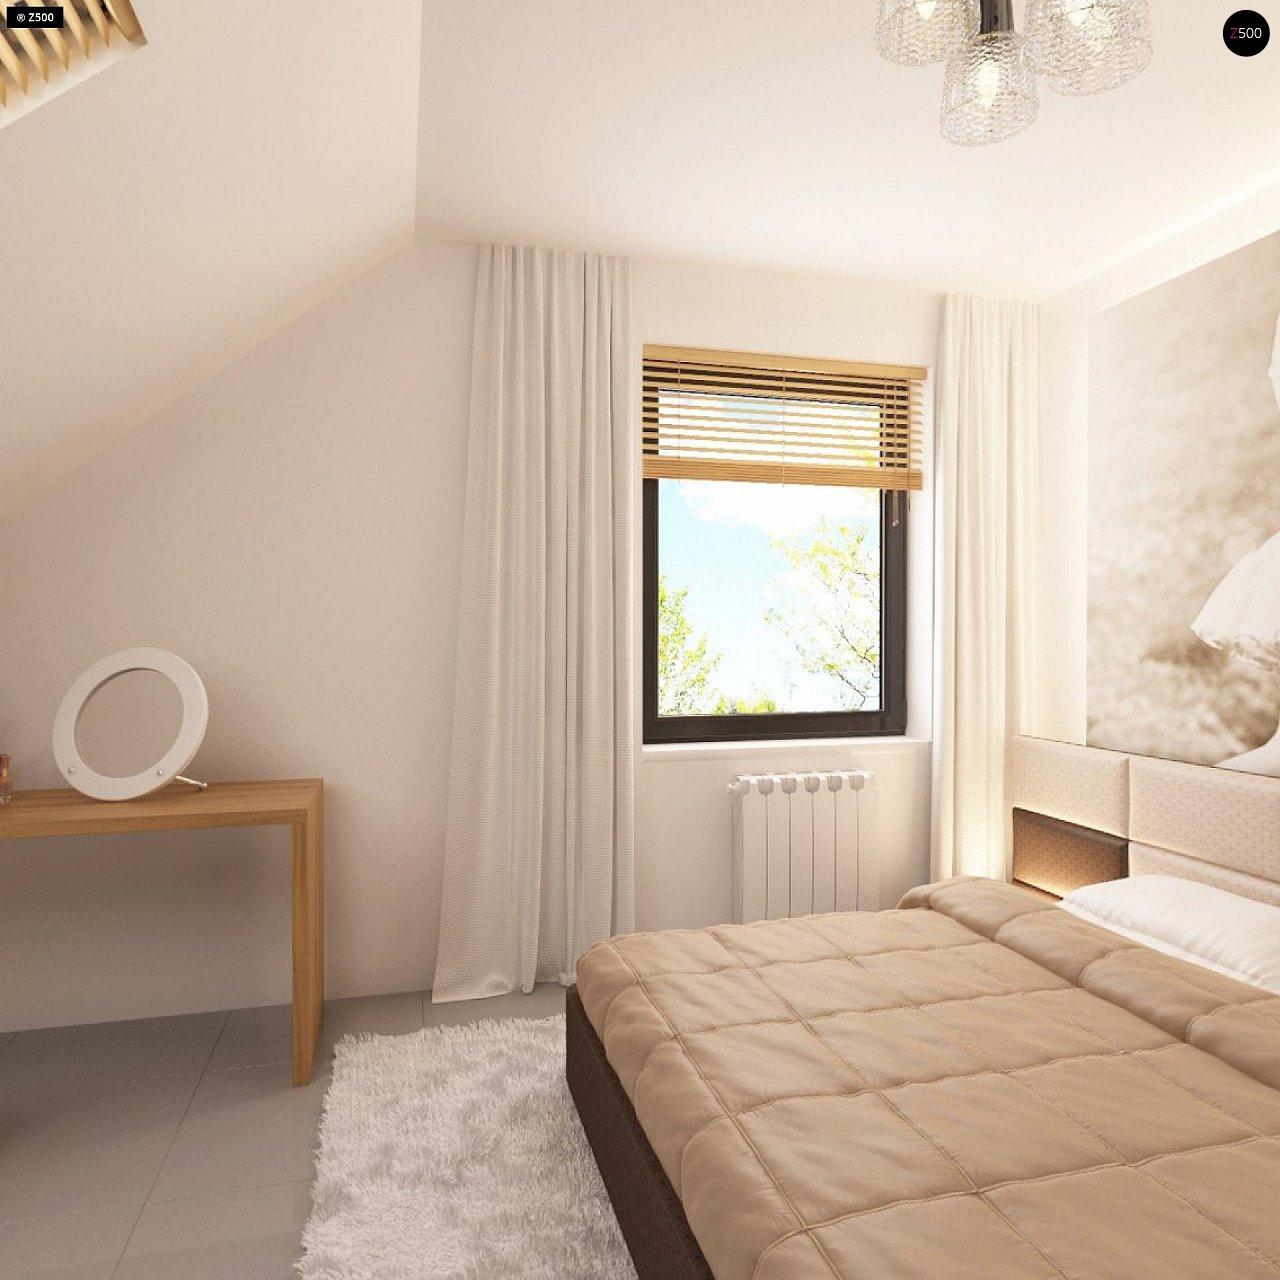 Проект функционального дома с эркером в столовой дополнительной спальней на первом этаже. 17